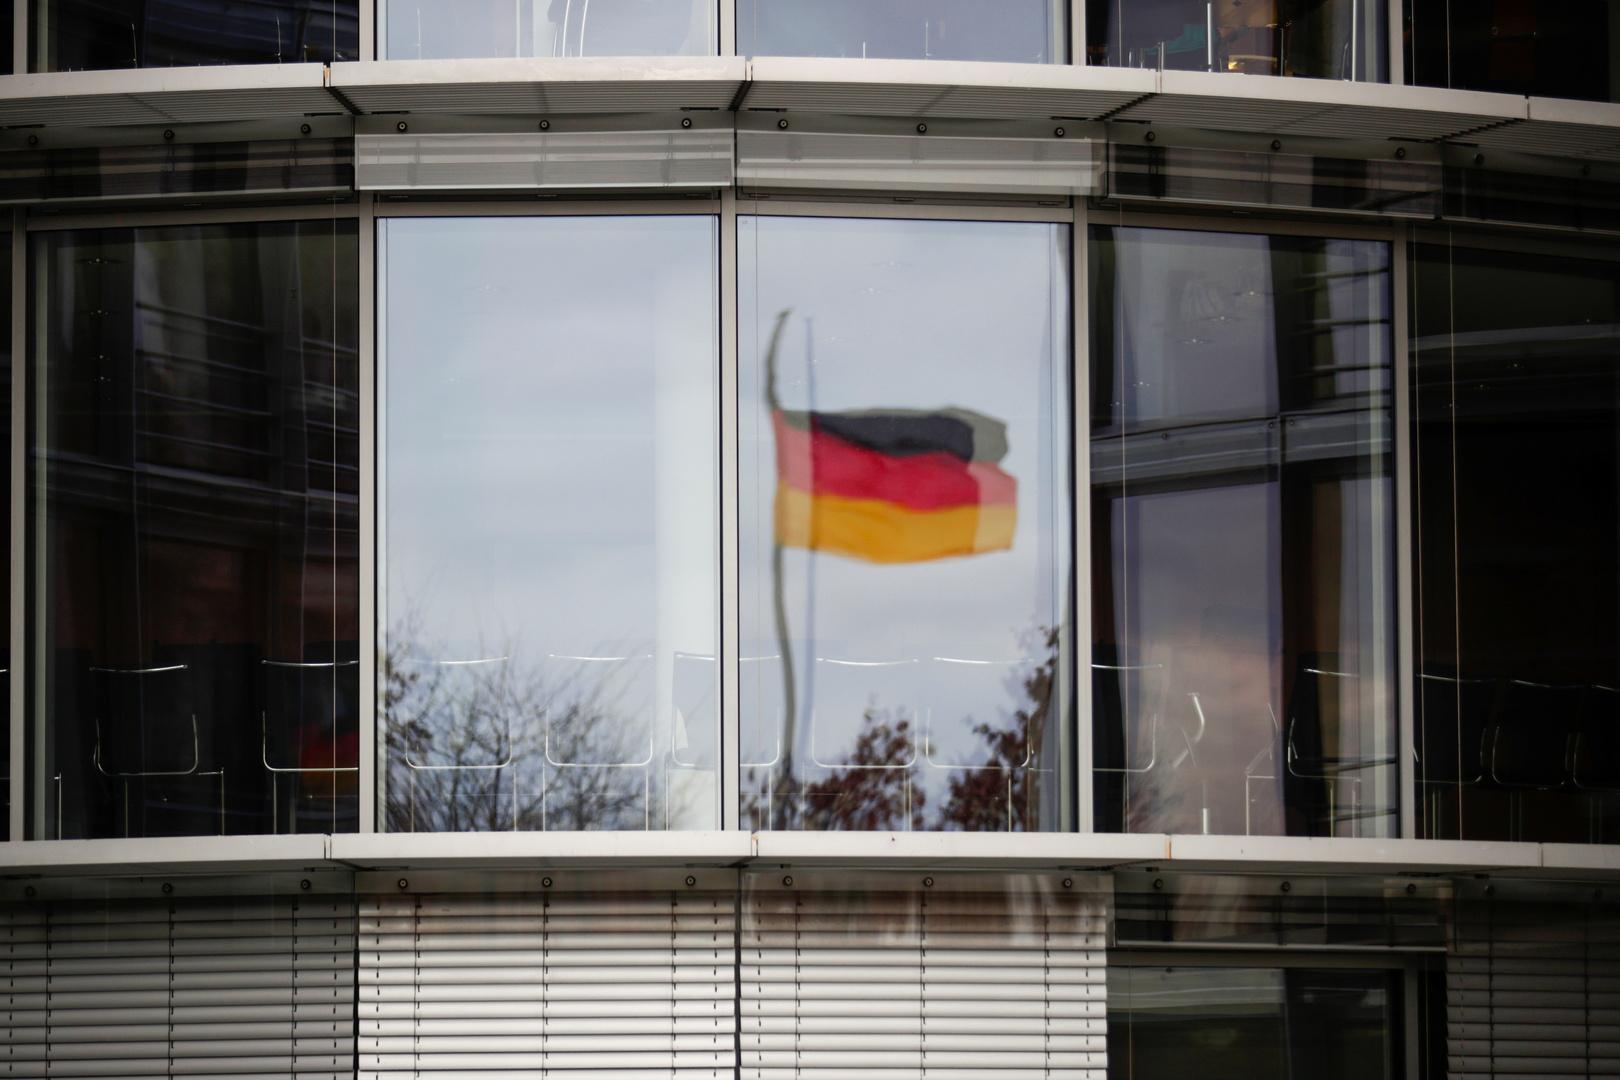 التضخم في ألمانيا يتجاوز هدف البنك المركزي الأوروبي